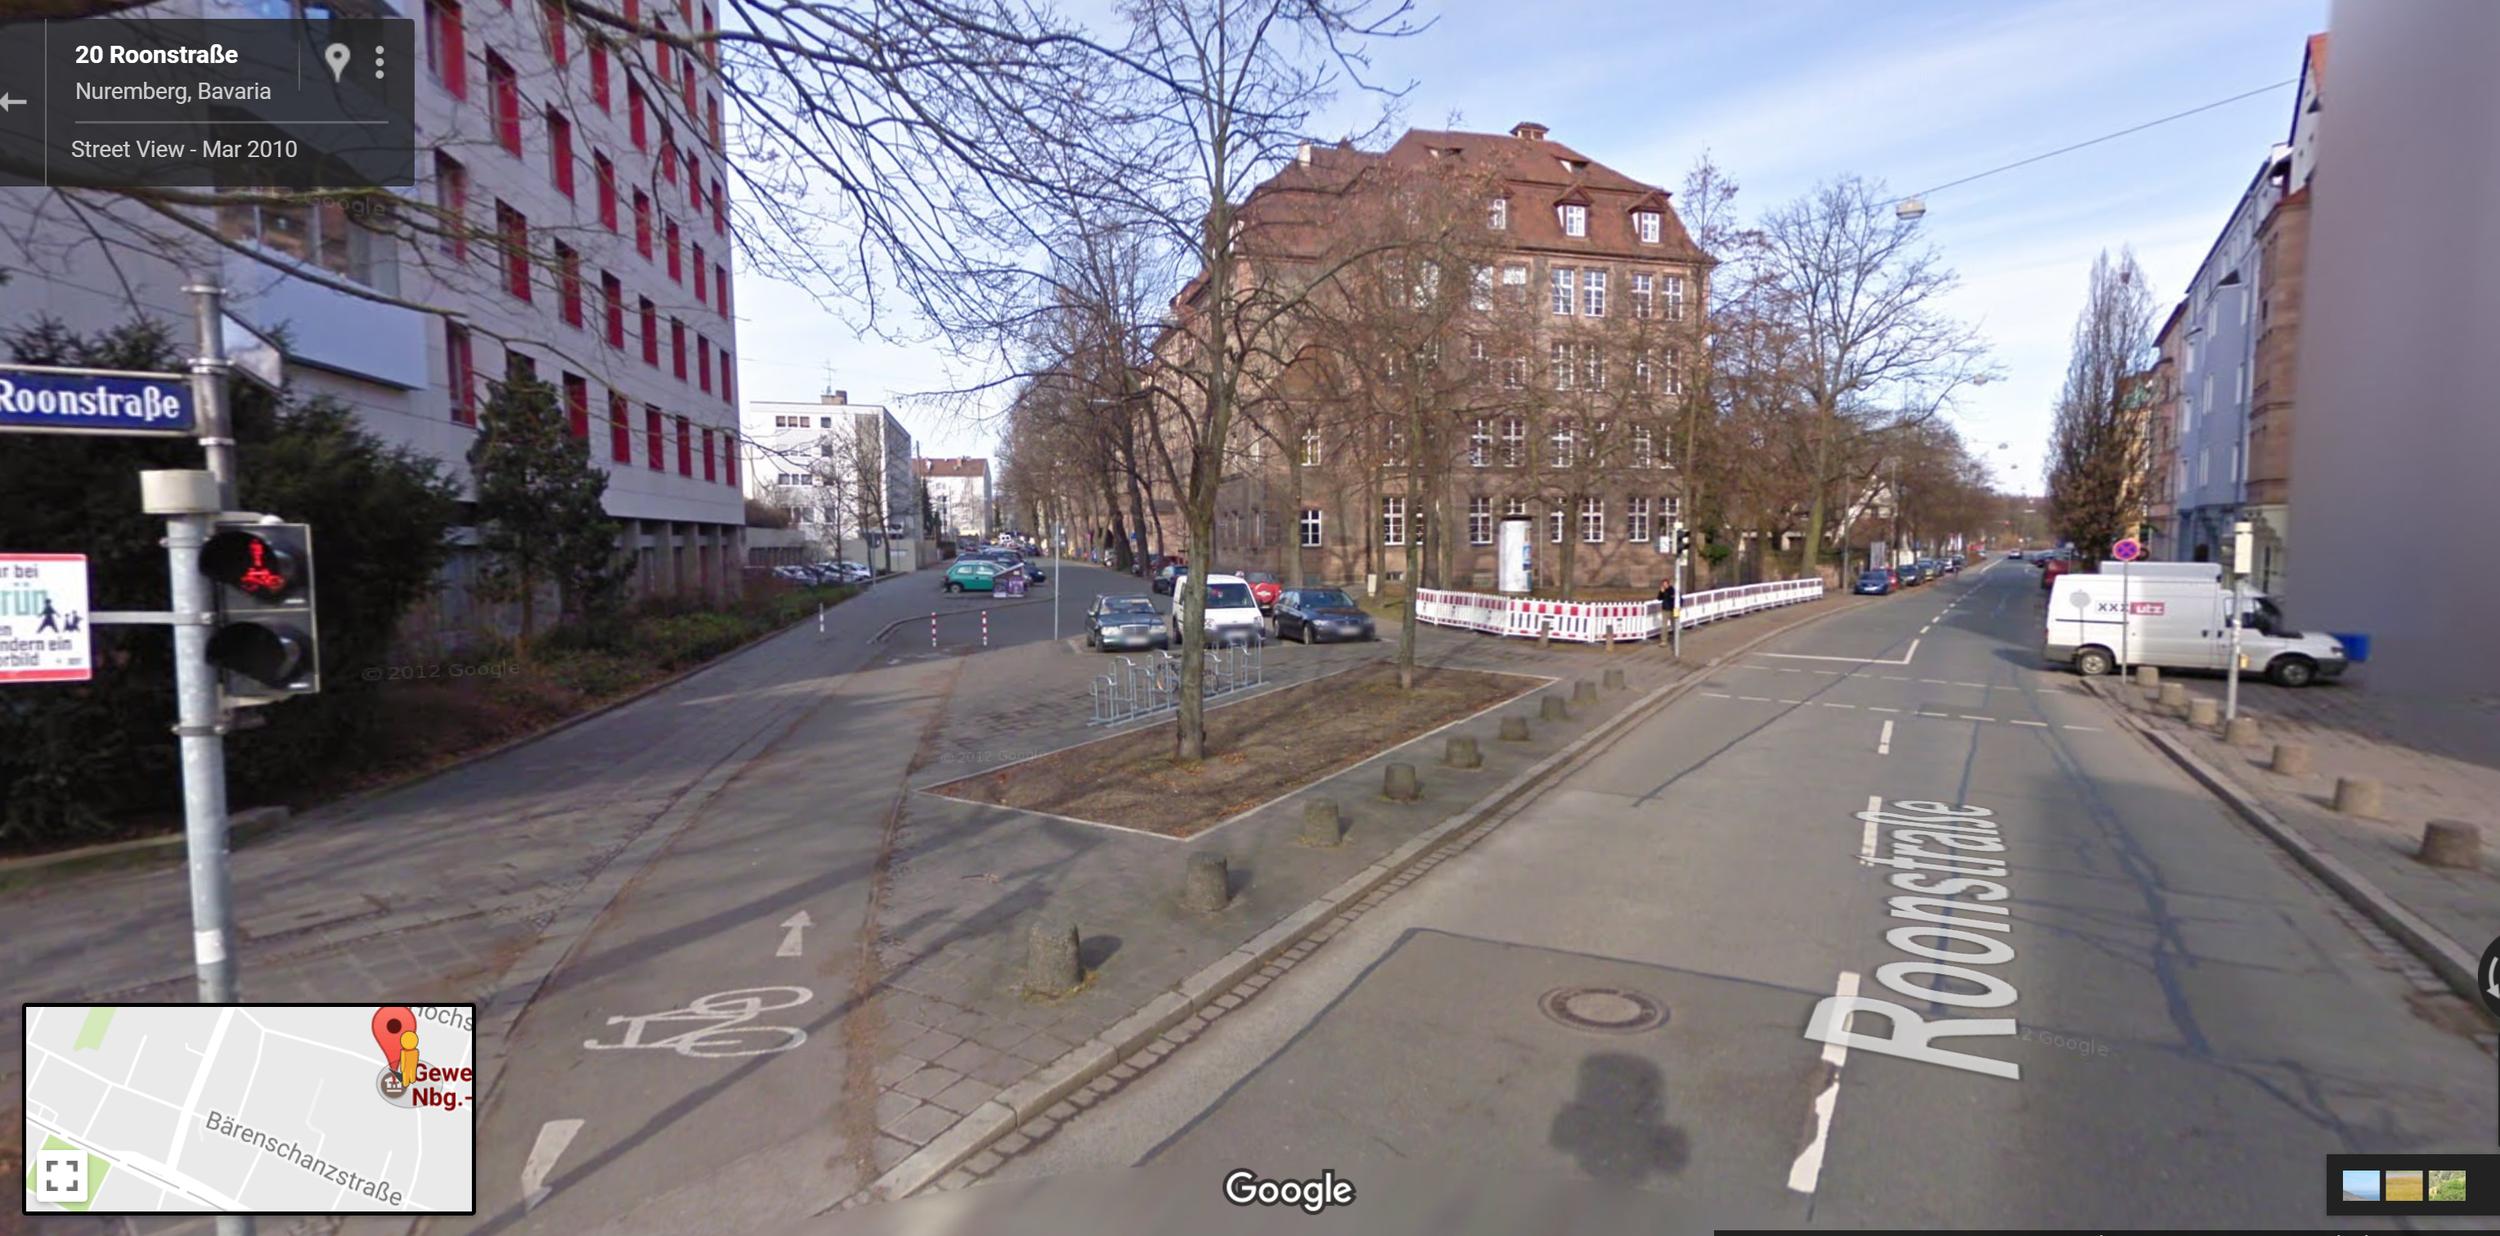 street access favors bikes/peds over vehicles at Bärenschanzstraße 8B